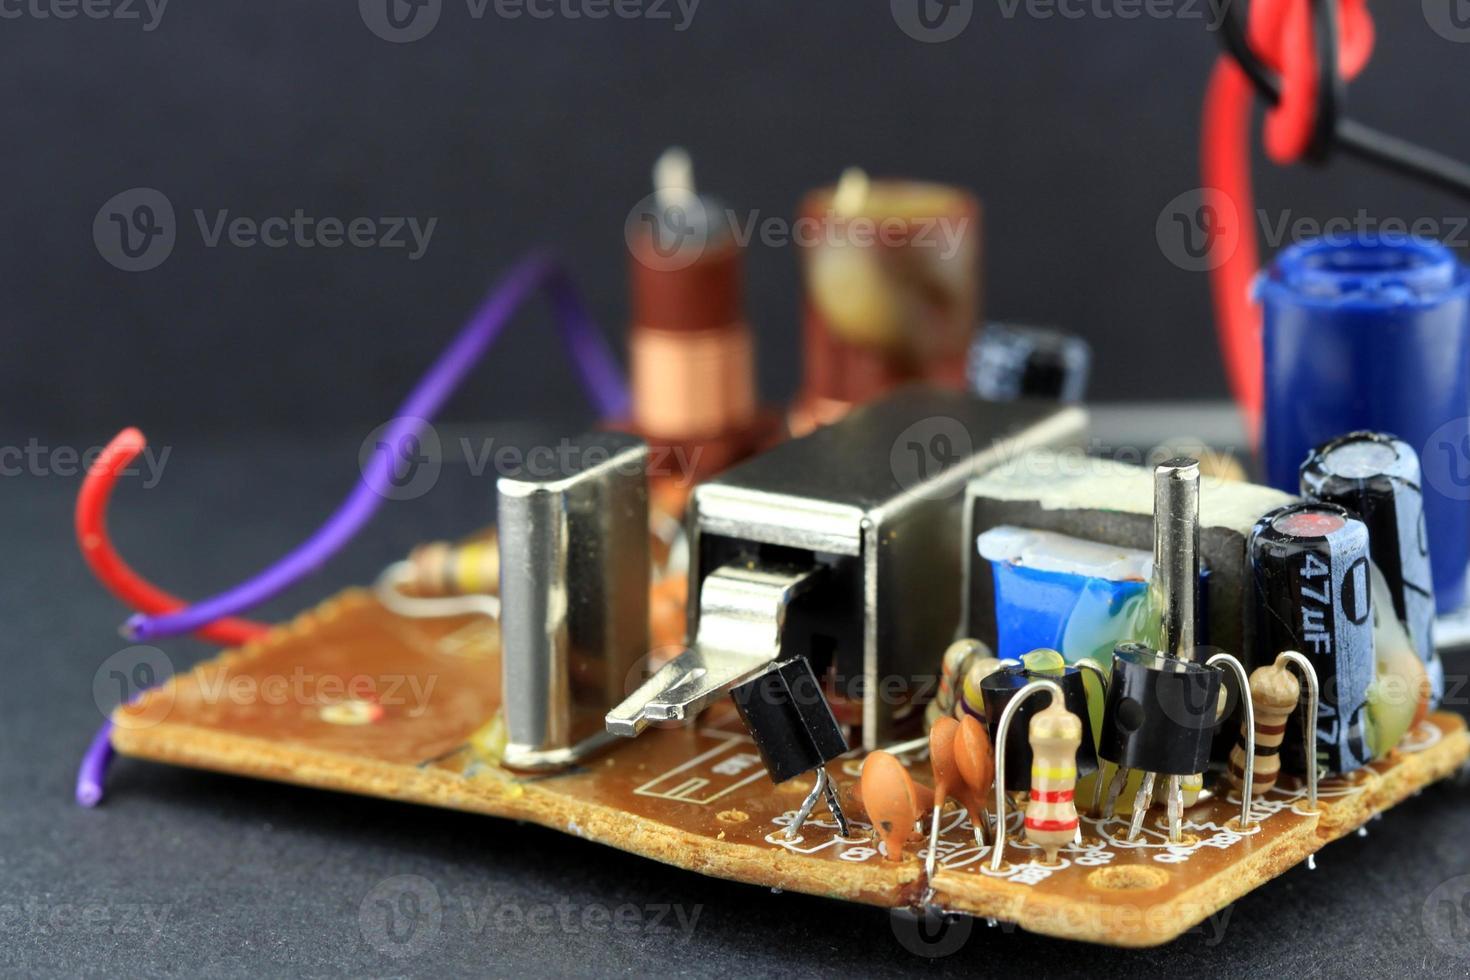 Leiterplatte mit darauf montierten elektronischen Bauteilen foto